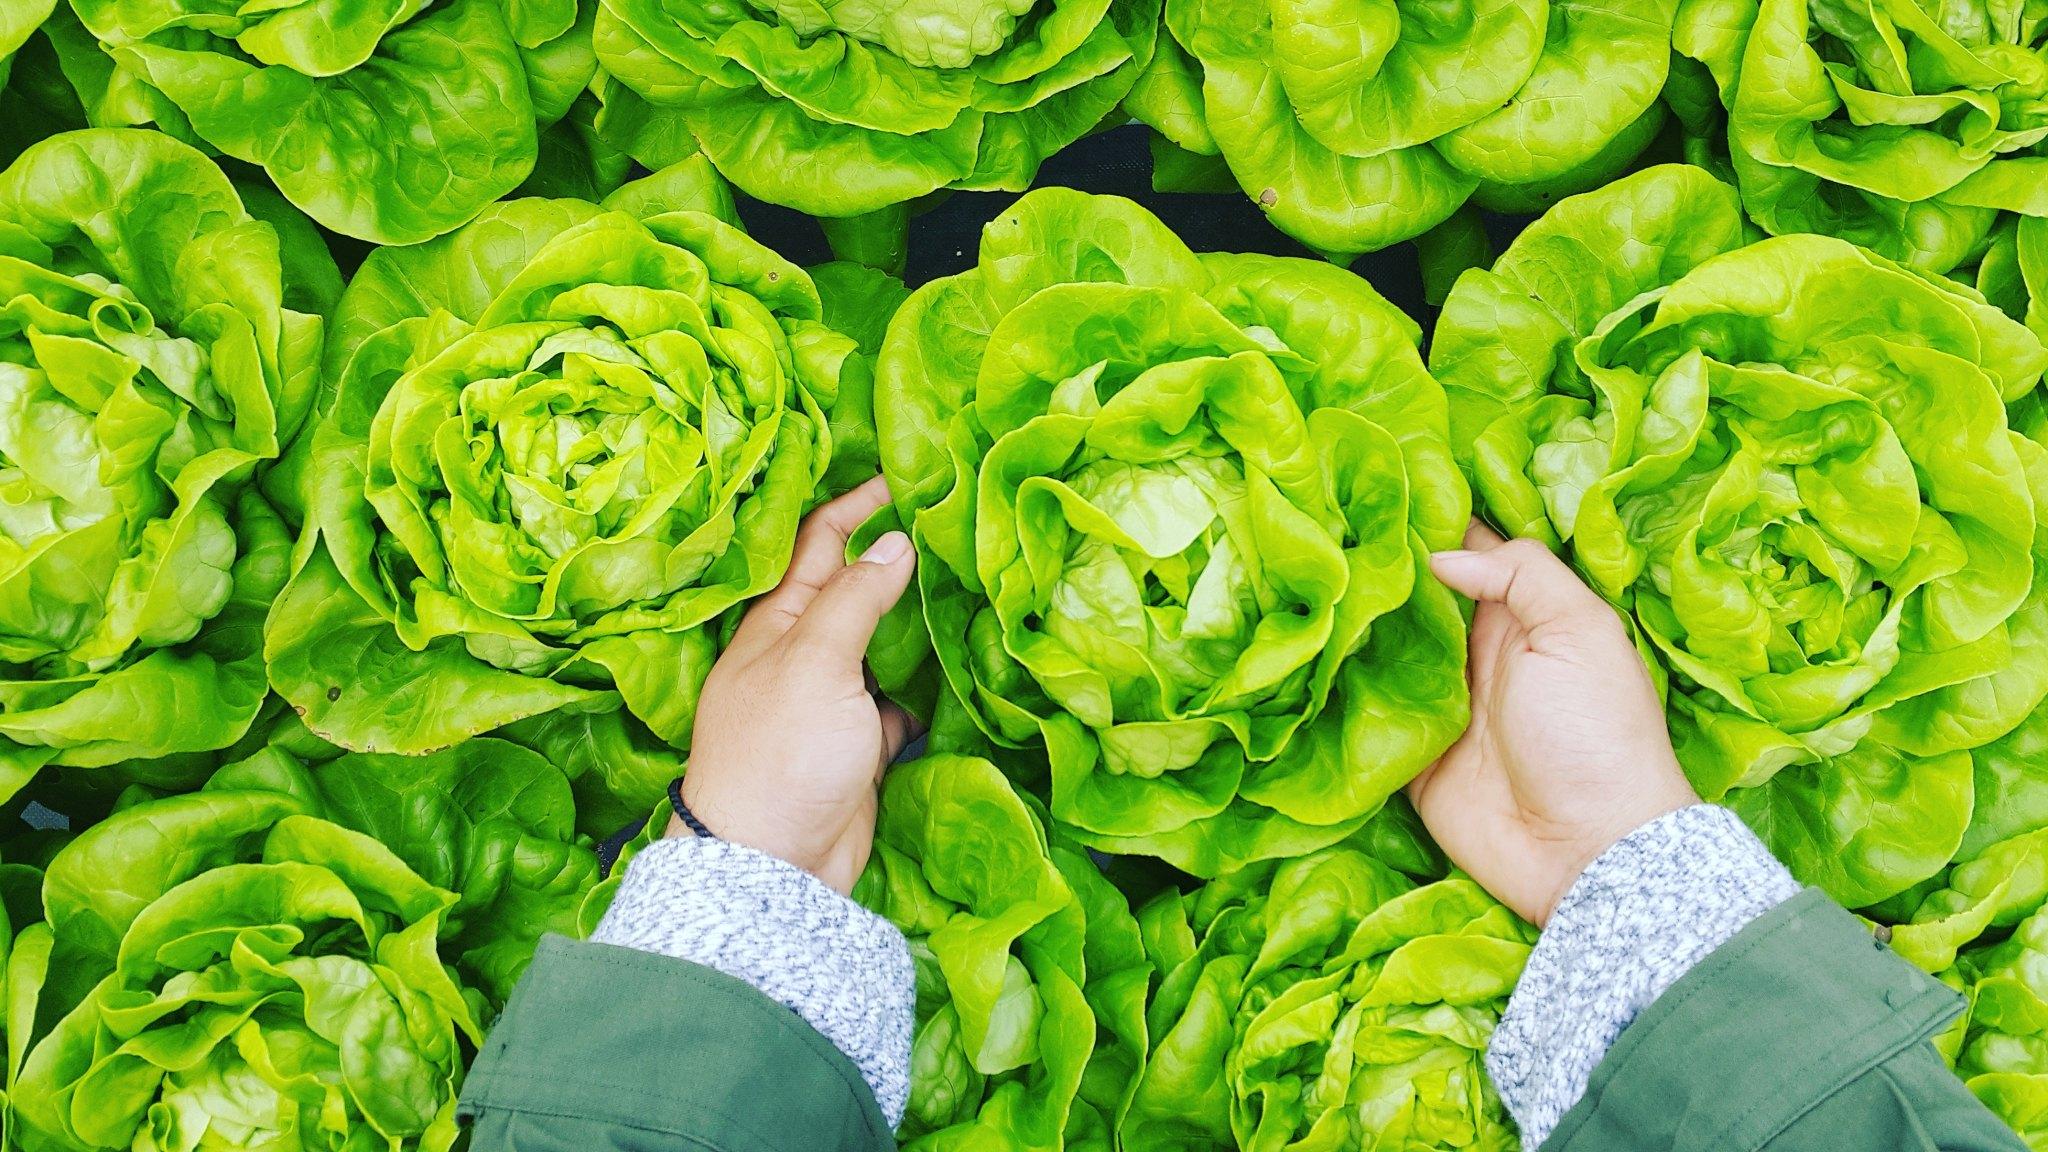 hands holding lettuce